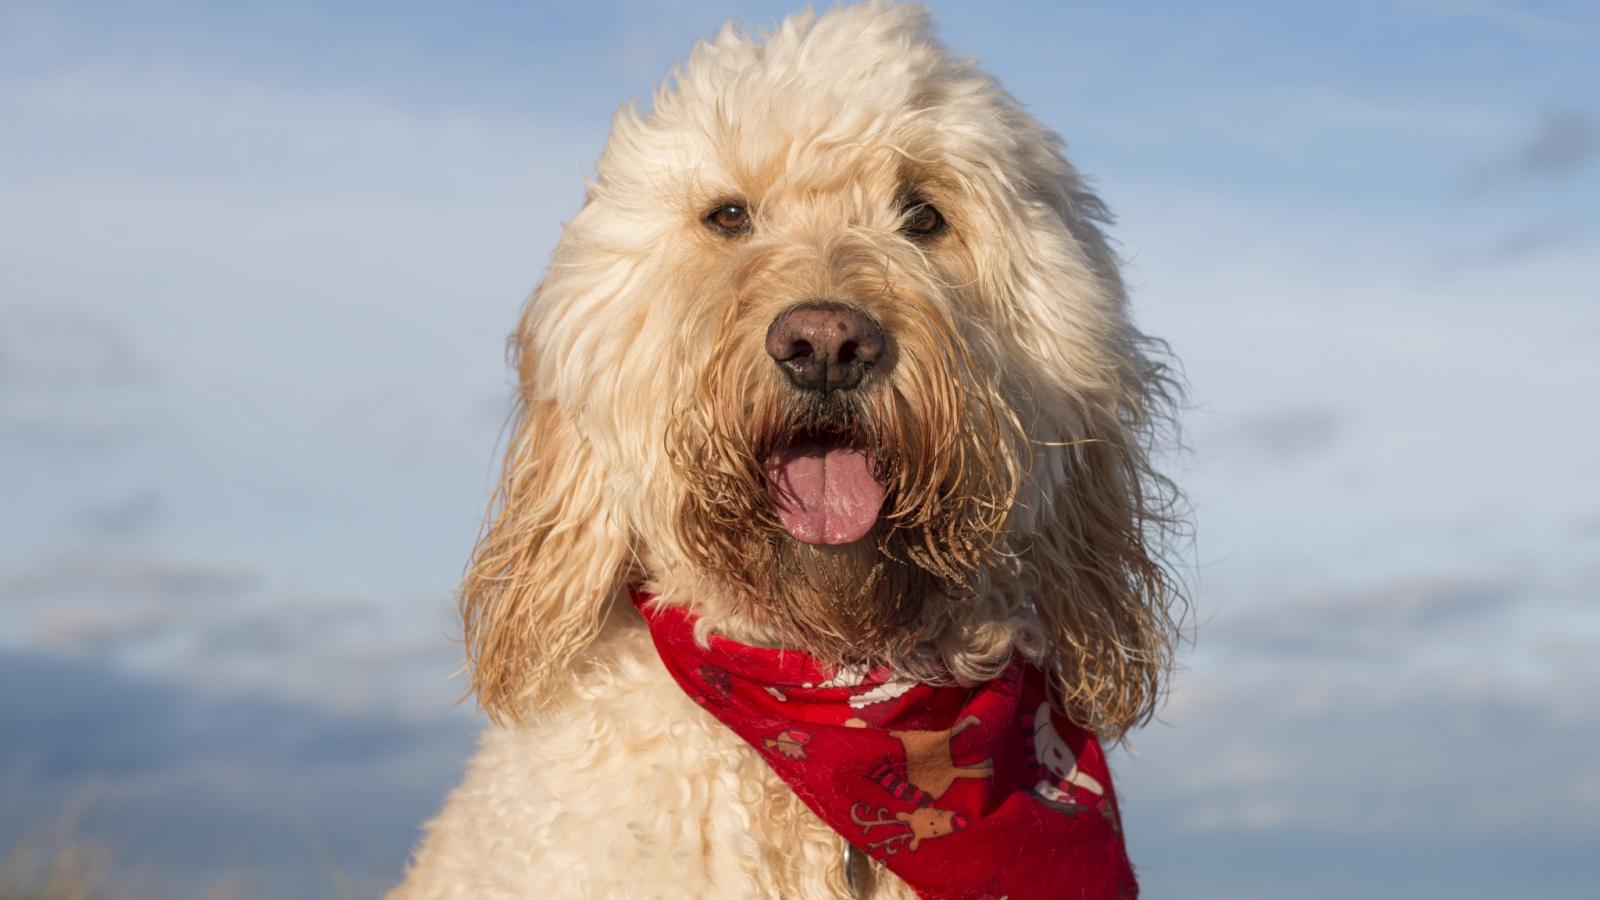 Fotografías de perros - 1600x900